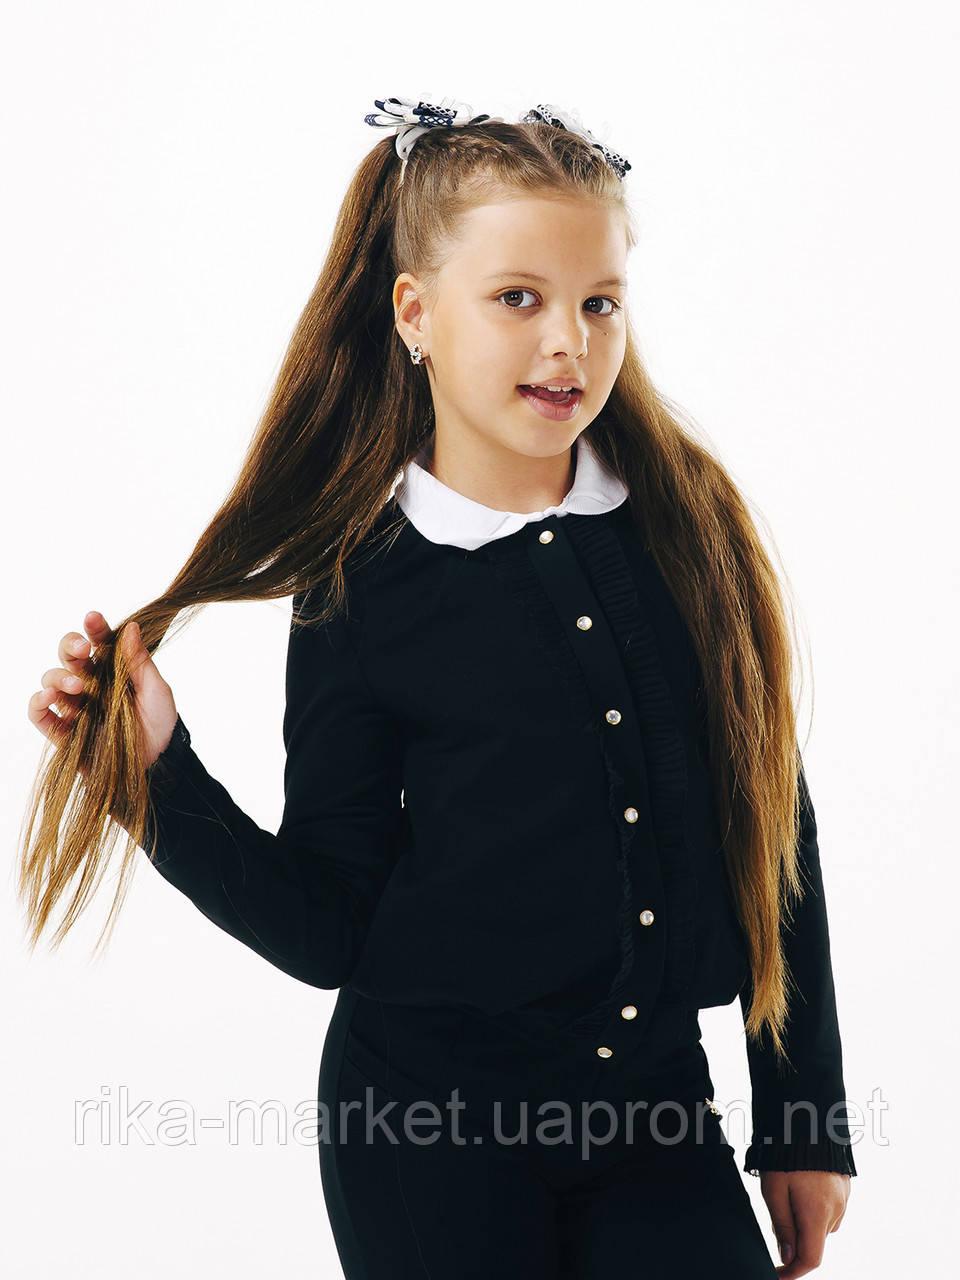 Школьный жакет для девочки, ТМ Смил, 116412, возраст 11  лет